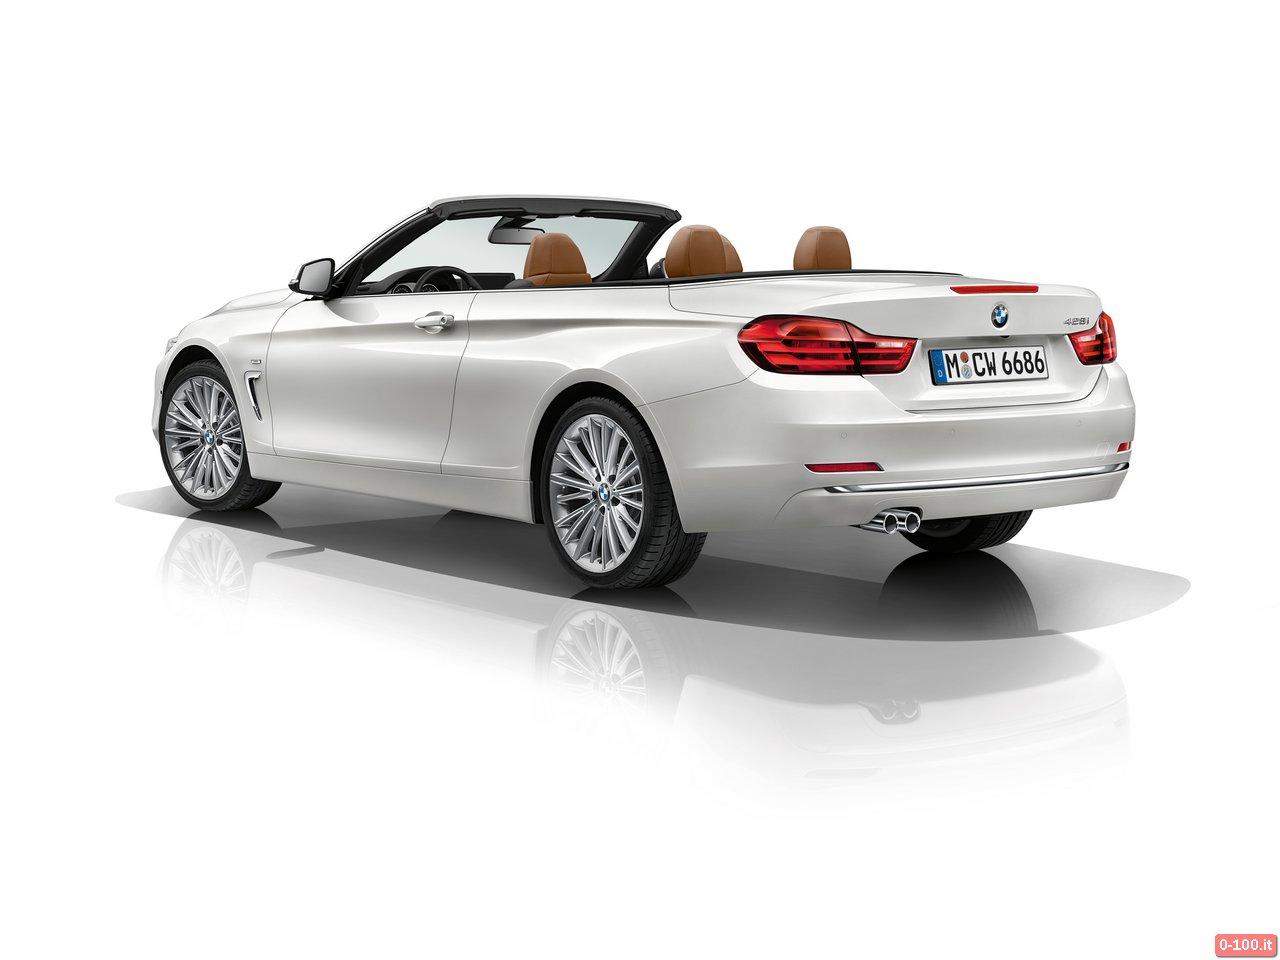 BMW-serie-4-cabrio-420d-428i-435i-cabrio_46